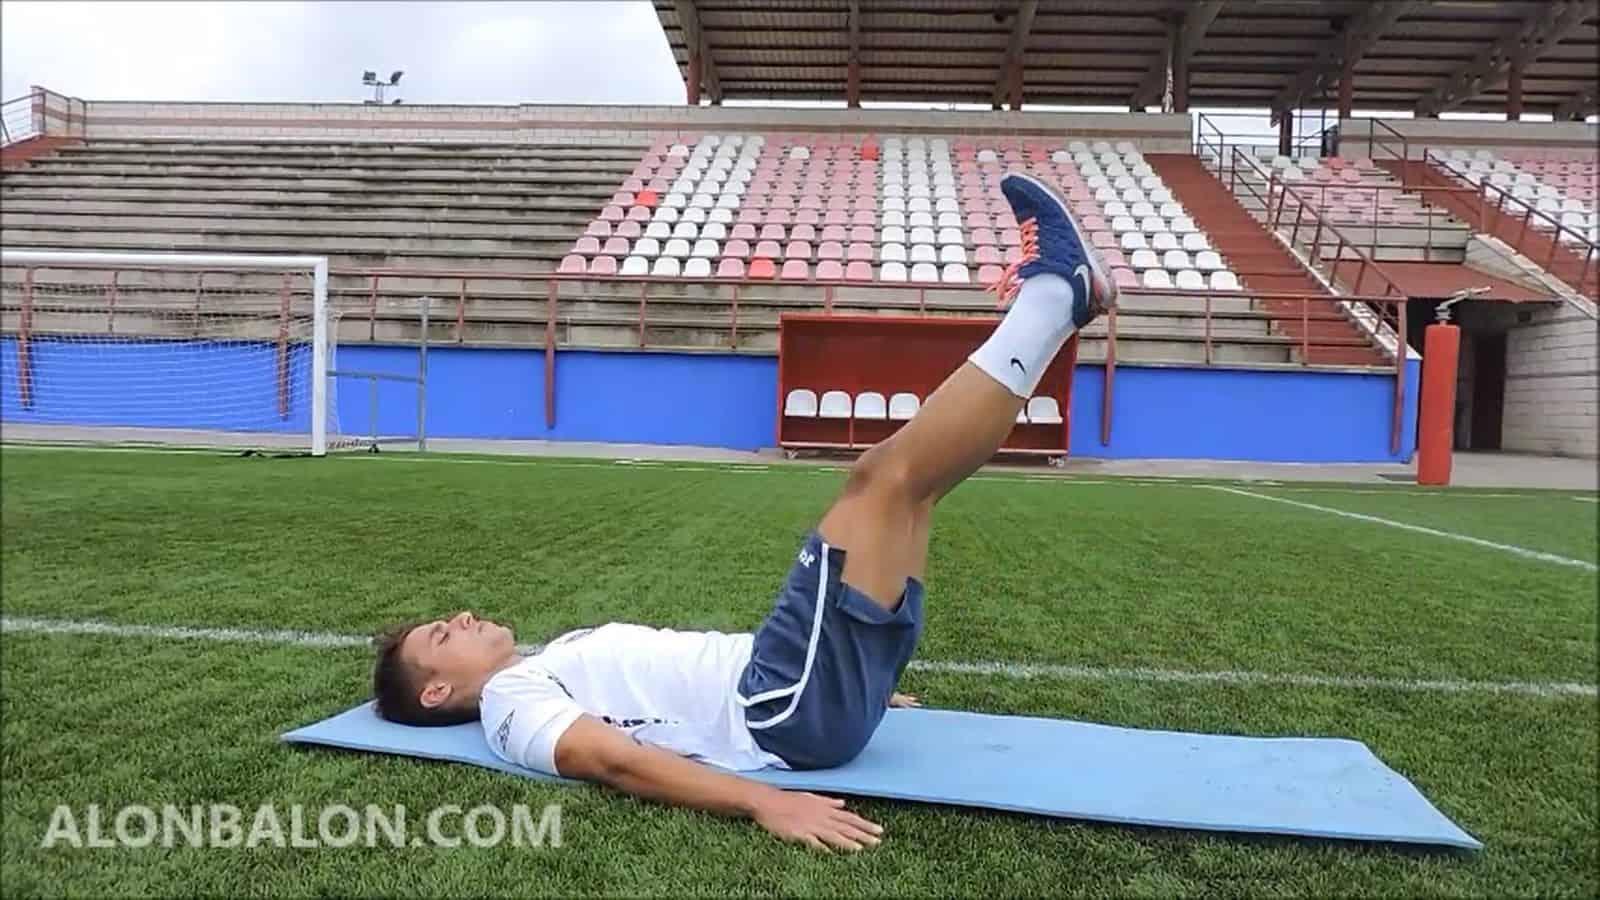 Descenso bilateral de piernas